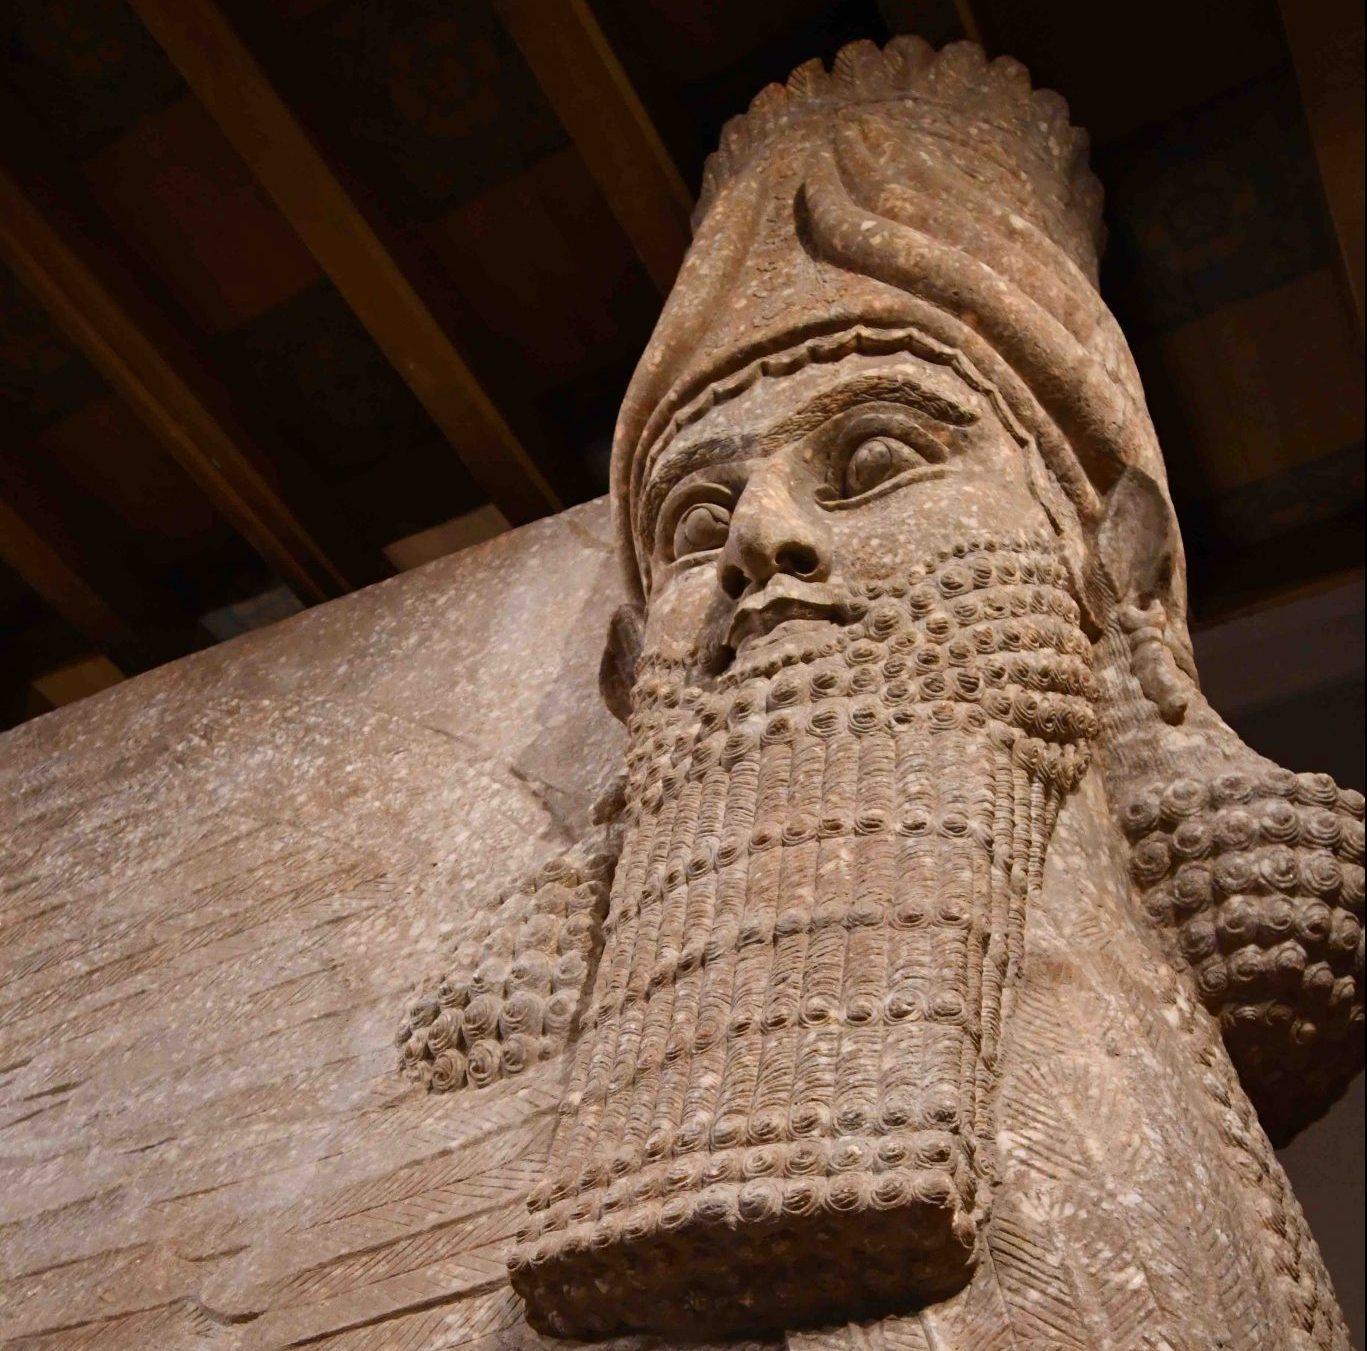 funny beard facts - pharaoh's had beards or fake beard masks